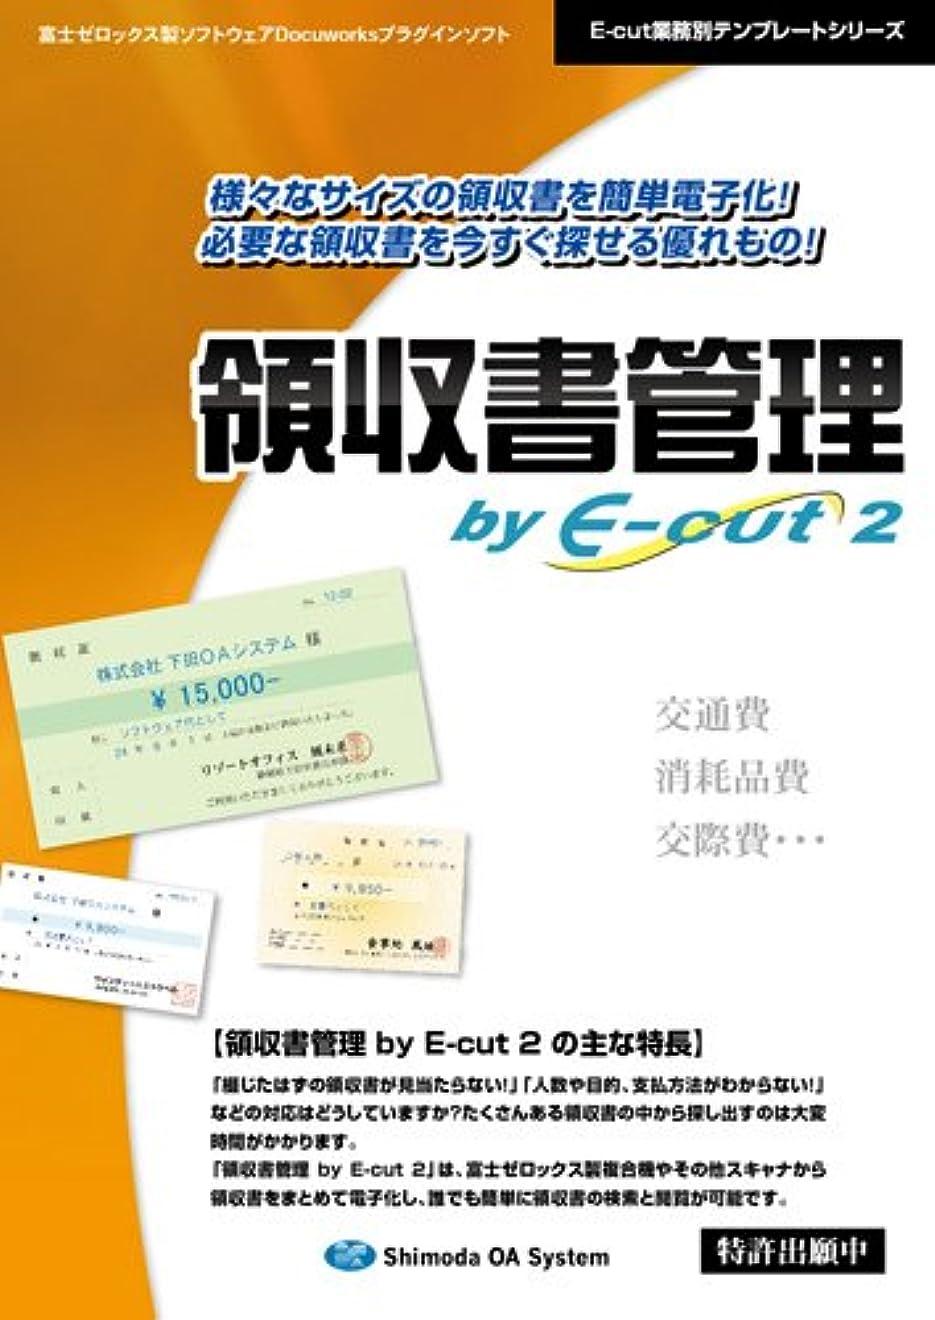 タバコ編集者熱心な領収書管理E-cut2(イーカット2)5ライセンス 富士ゼロックスDocuworksプラグインソフト